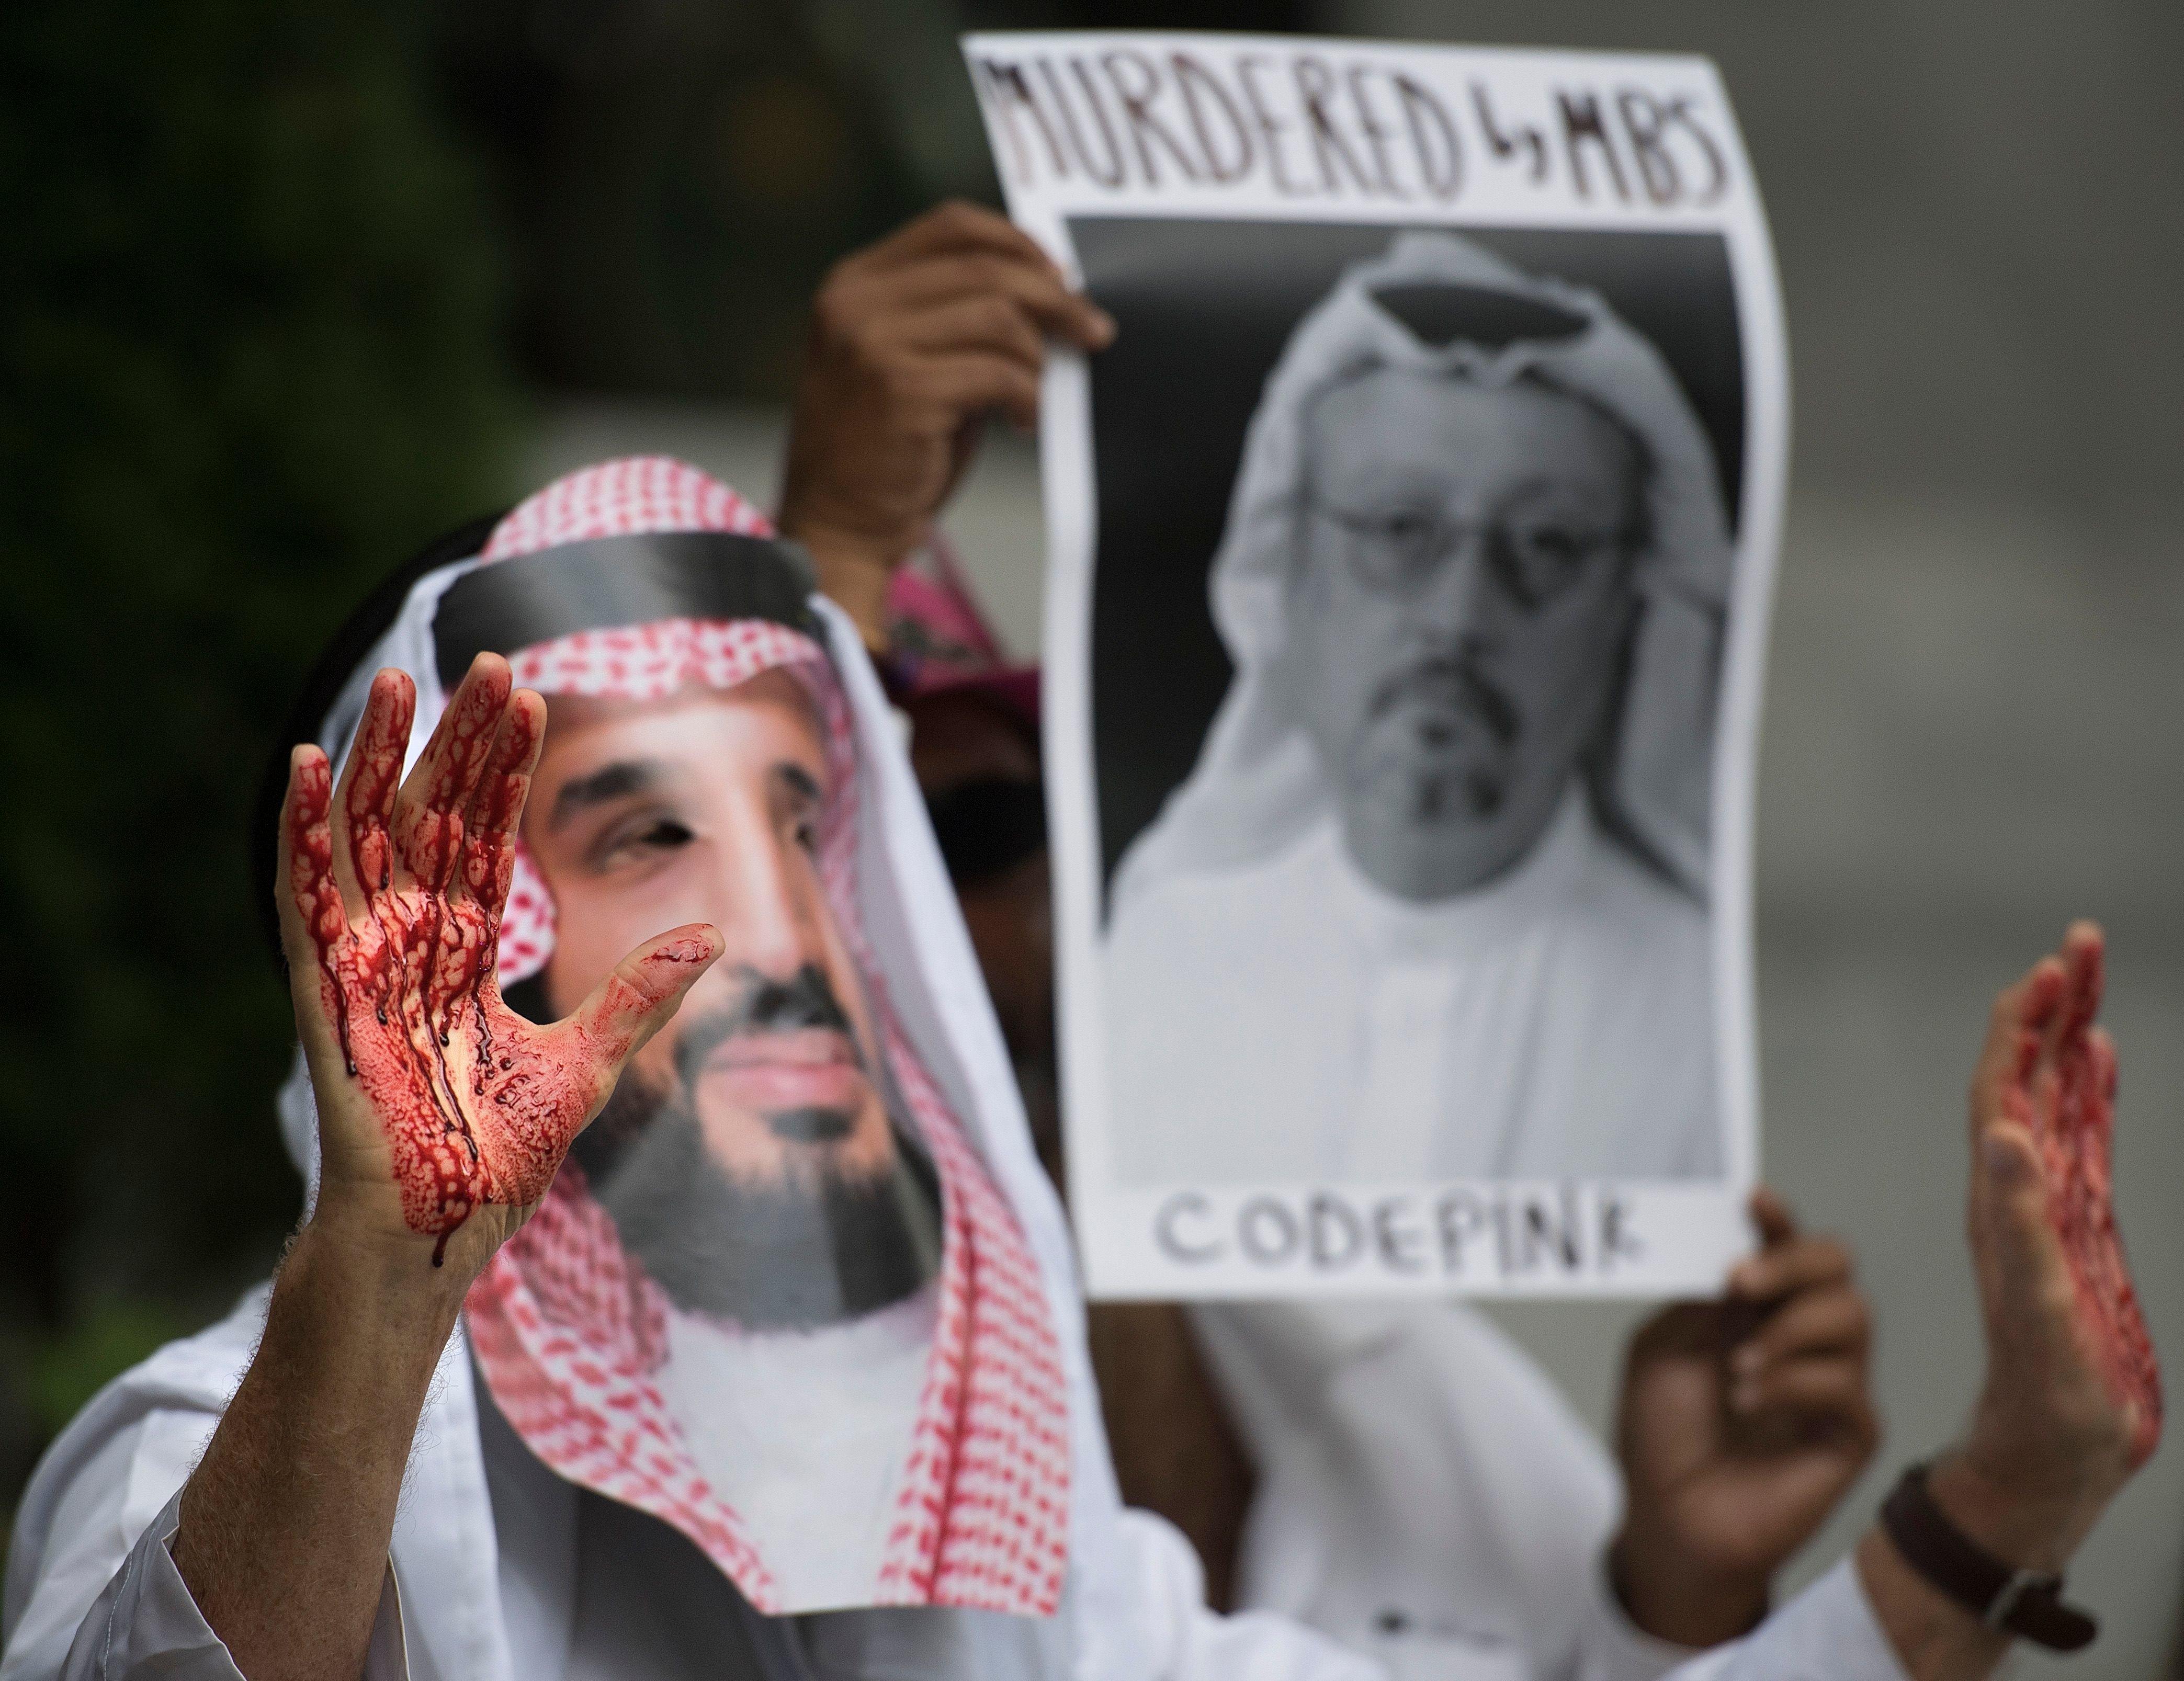 무함마드 빈 살만(MBS) 사우디아라비아 왕세자의 가면을 쓴 시위대가 미국 워싱턴DC에 위치한 사우디 대사관 앞에서 자말 카쇼기 기자 실종 사건에 대한 시위를 벌이고 있다. 2018년 10월8일.